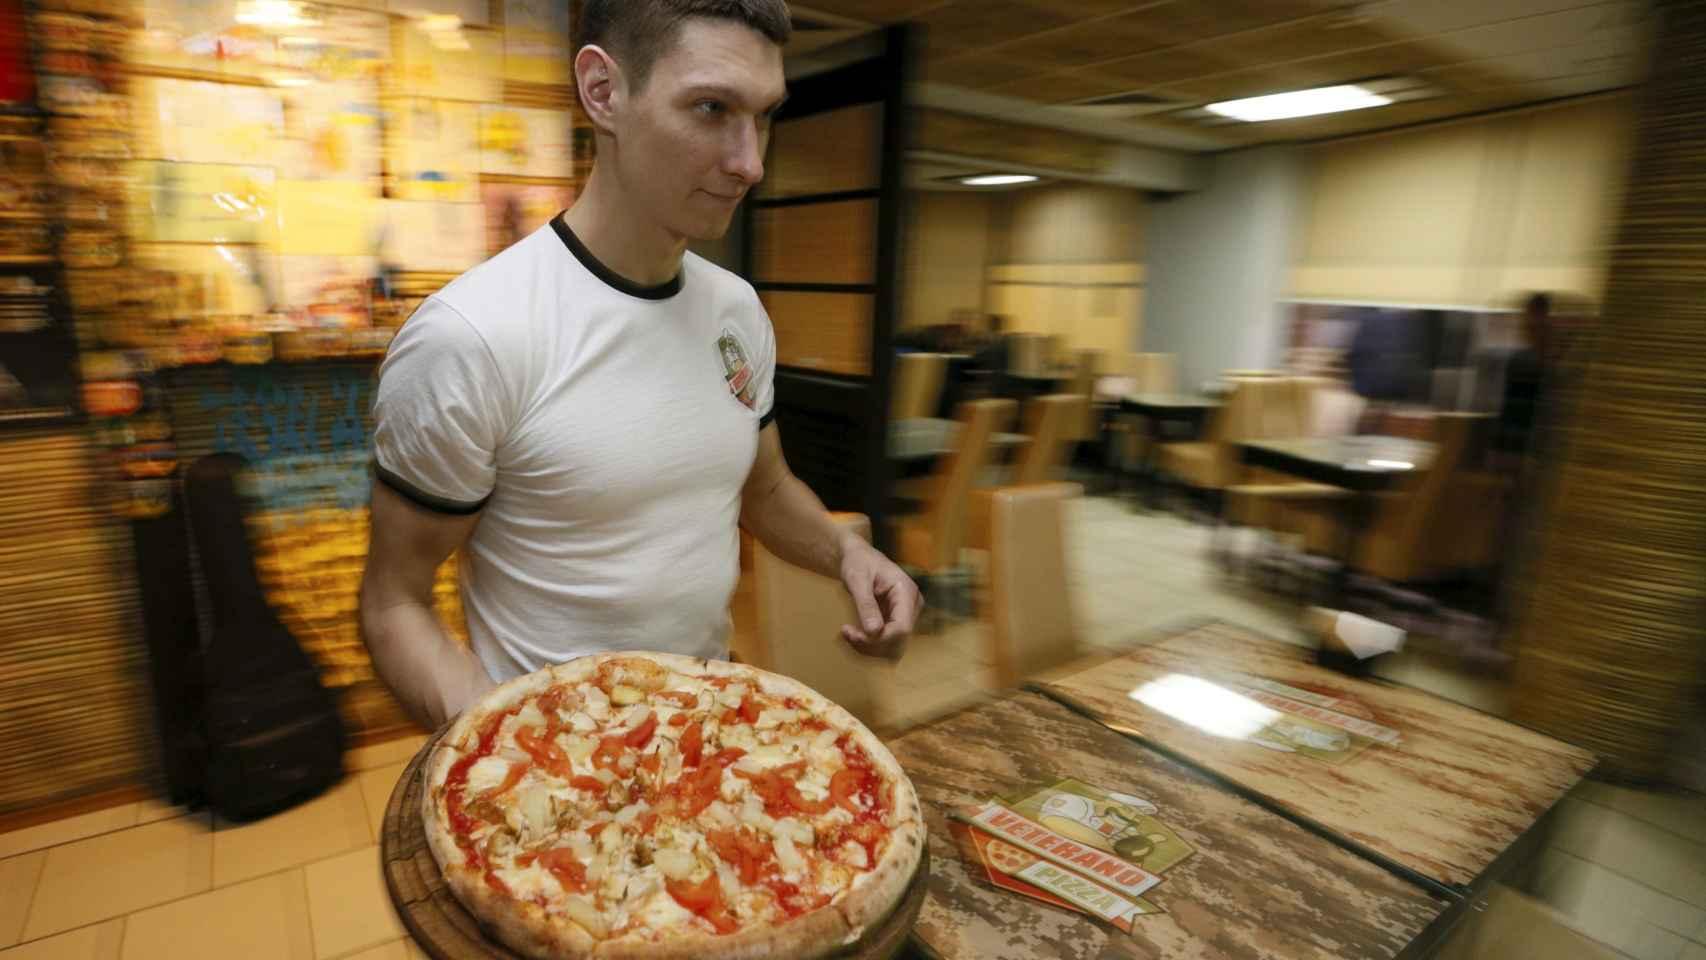 La comida a domicilio, un negocio al alza en España.